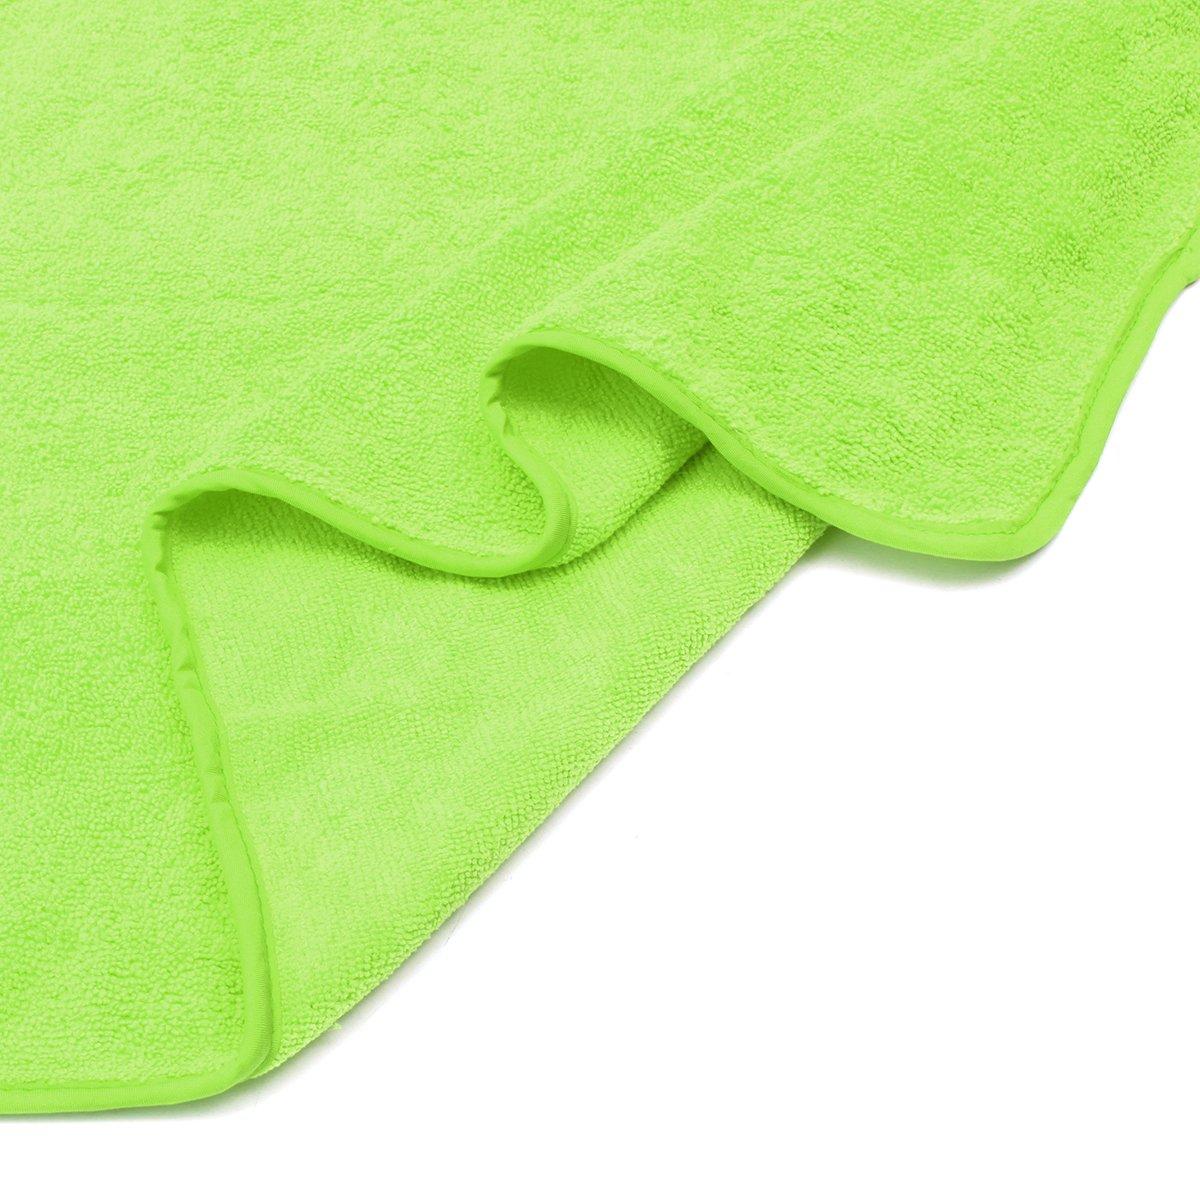 asciugamano da bagno Donna Spa Abito accappatoio Wrap Sauna Doccia Spa Spiaggia doccia in ghiaccio di seta morbido estate Top Telo soft Wearable asciugamano viaggio Nuoto Sport Asciugamano da spiaggia